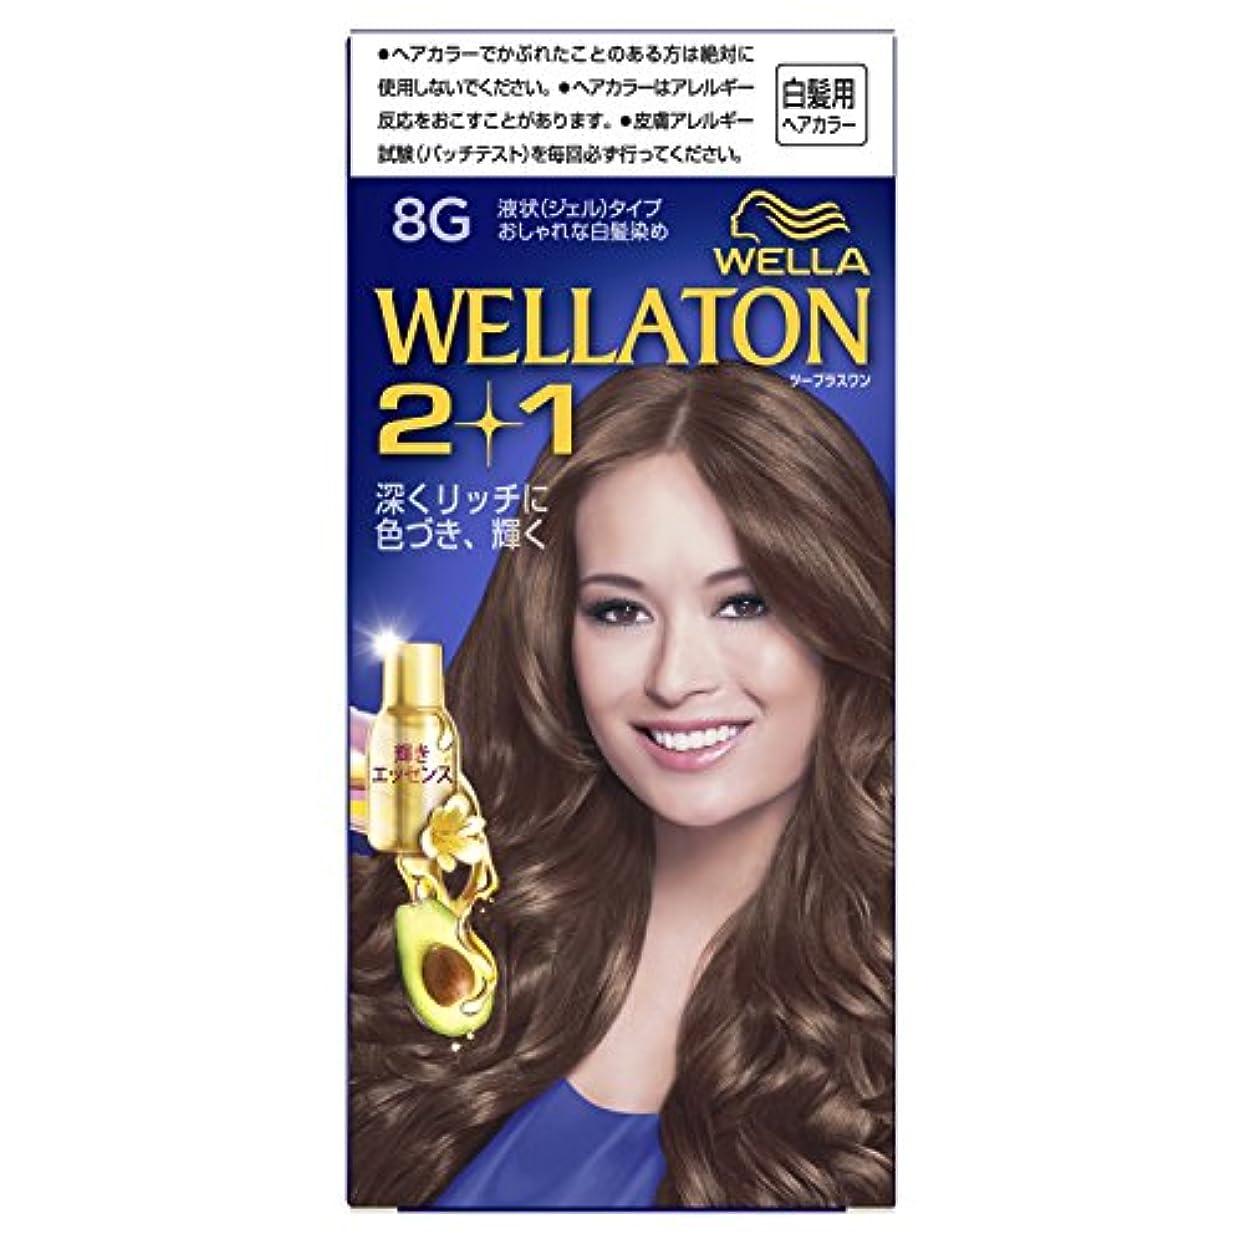 間違い梨備品ウエラトーン2+1 液状タイプ 8G [医薬部外品](おしゃれな白髪染め)